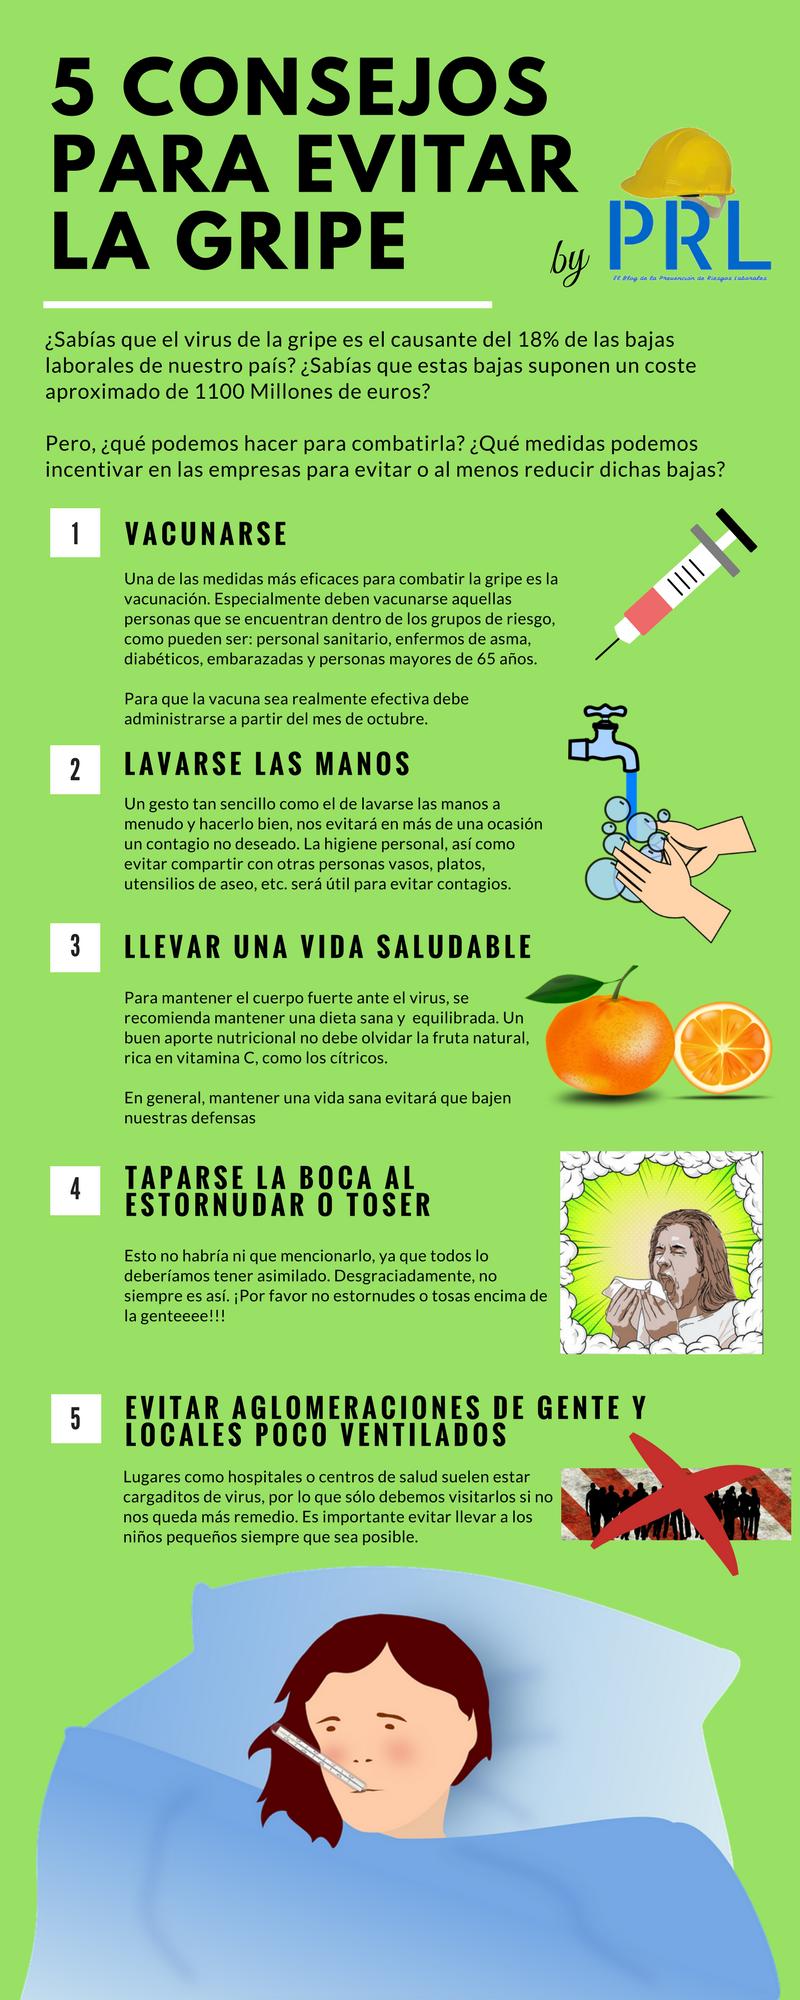 5 consejos para evitar la gripe